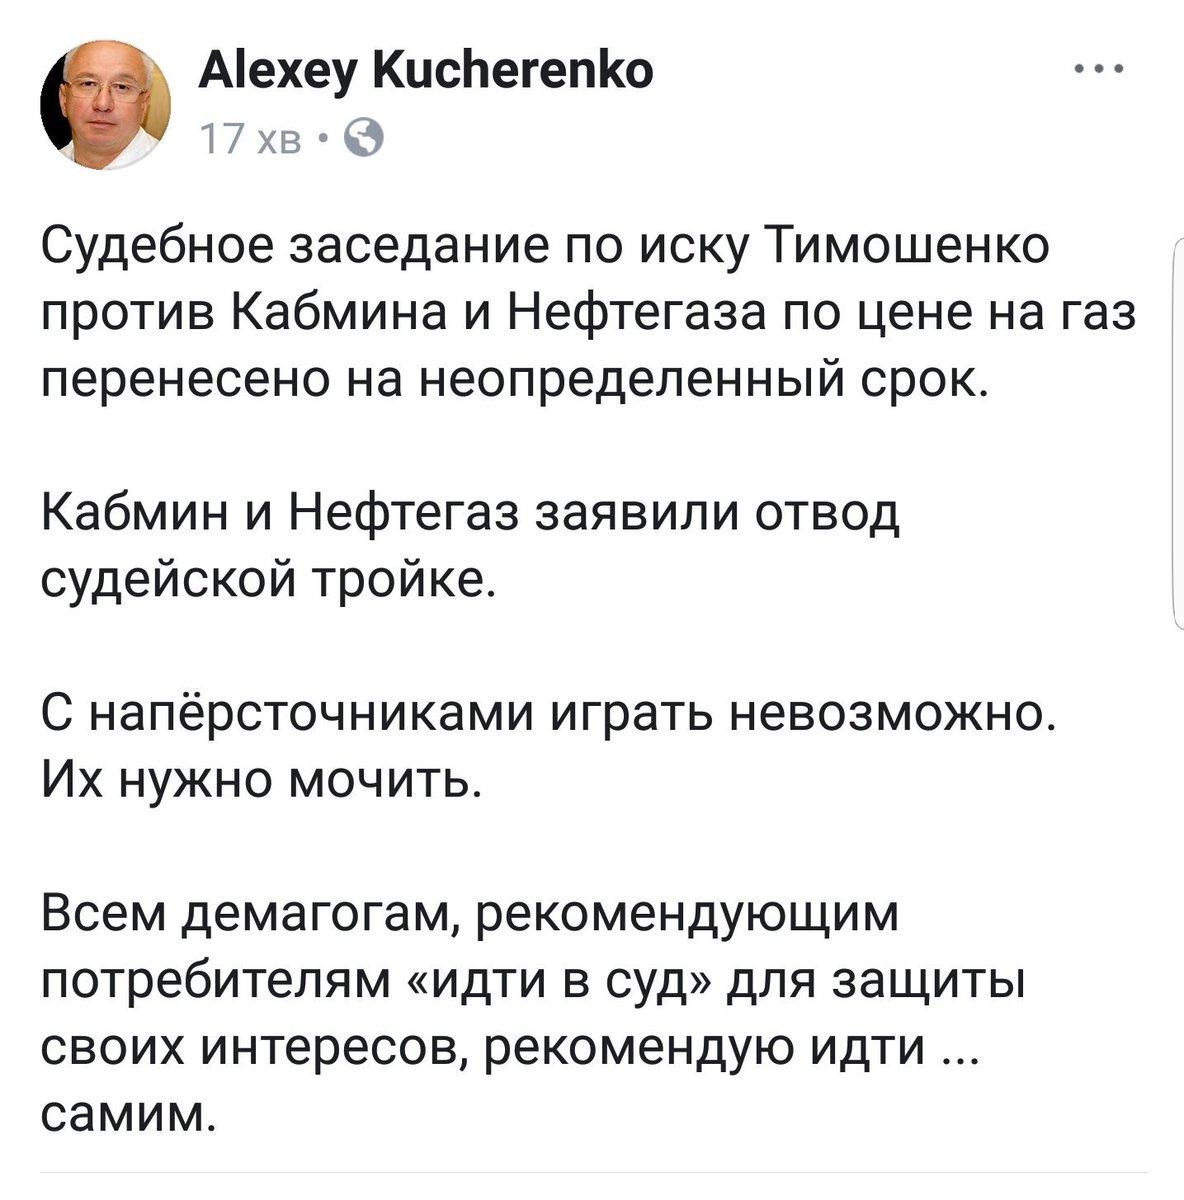 """""""Тимошенко звинуватила """"Нафтогаз"""" у корупції за те, що ми відмовилися домовлятися з Путіним?"""" - заступник голови """"Нафтогазу"""" Вітренко - Цензор.НЕТ 1919"""